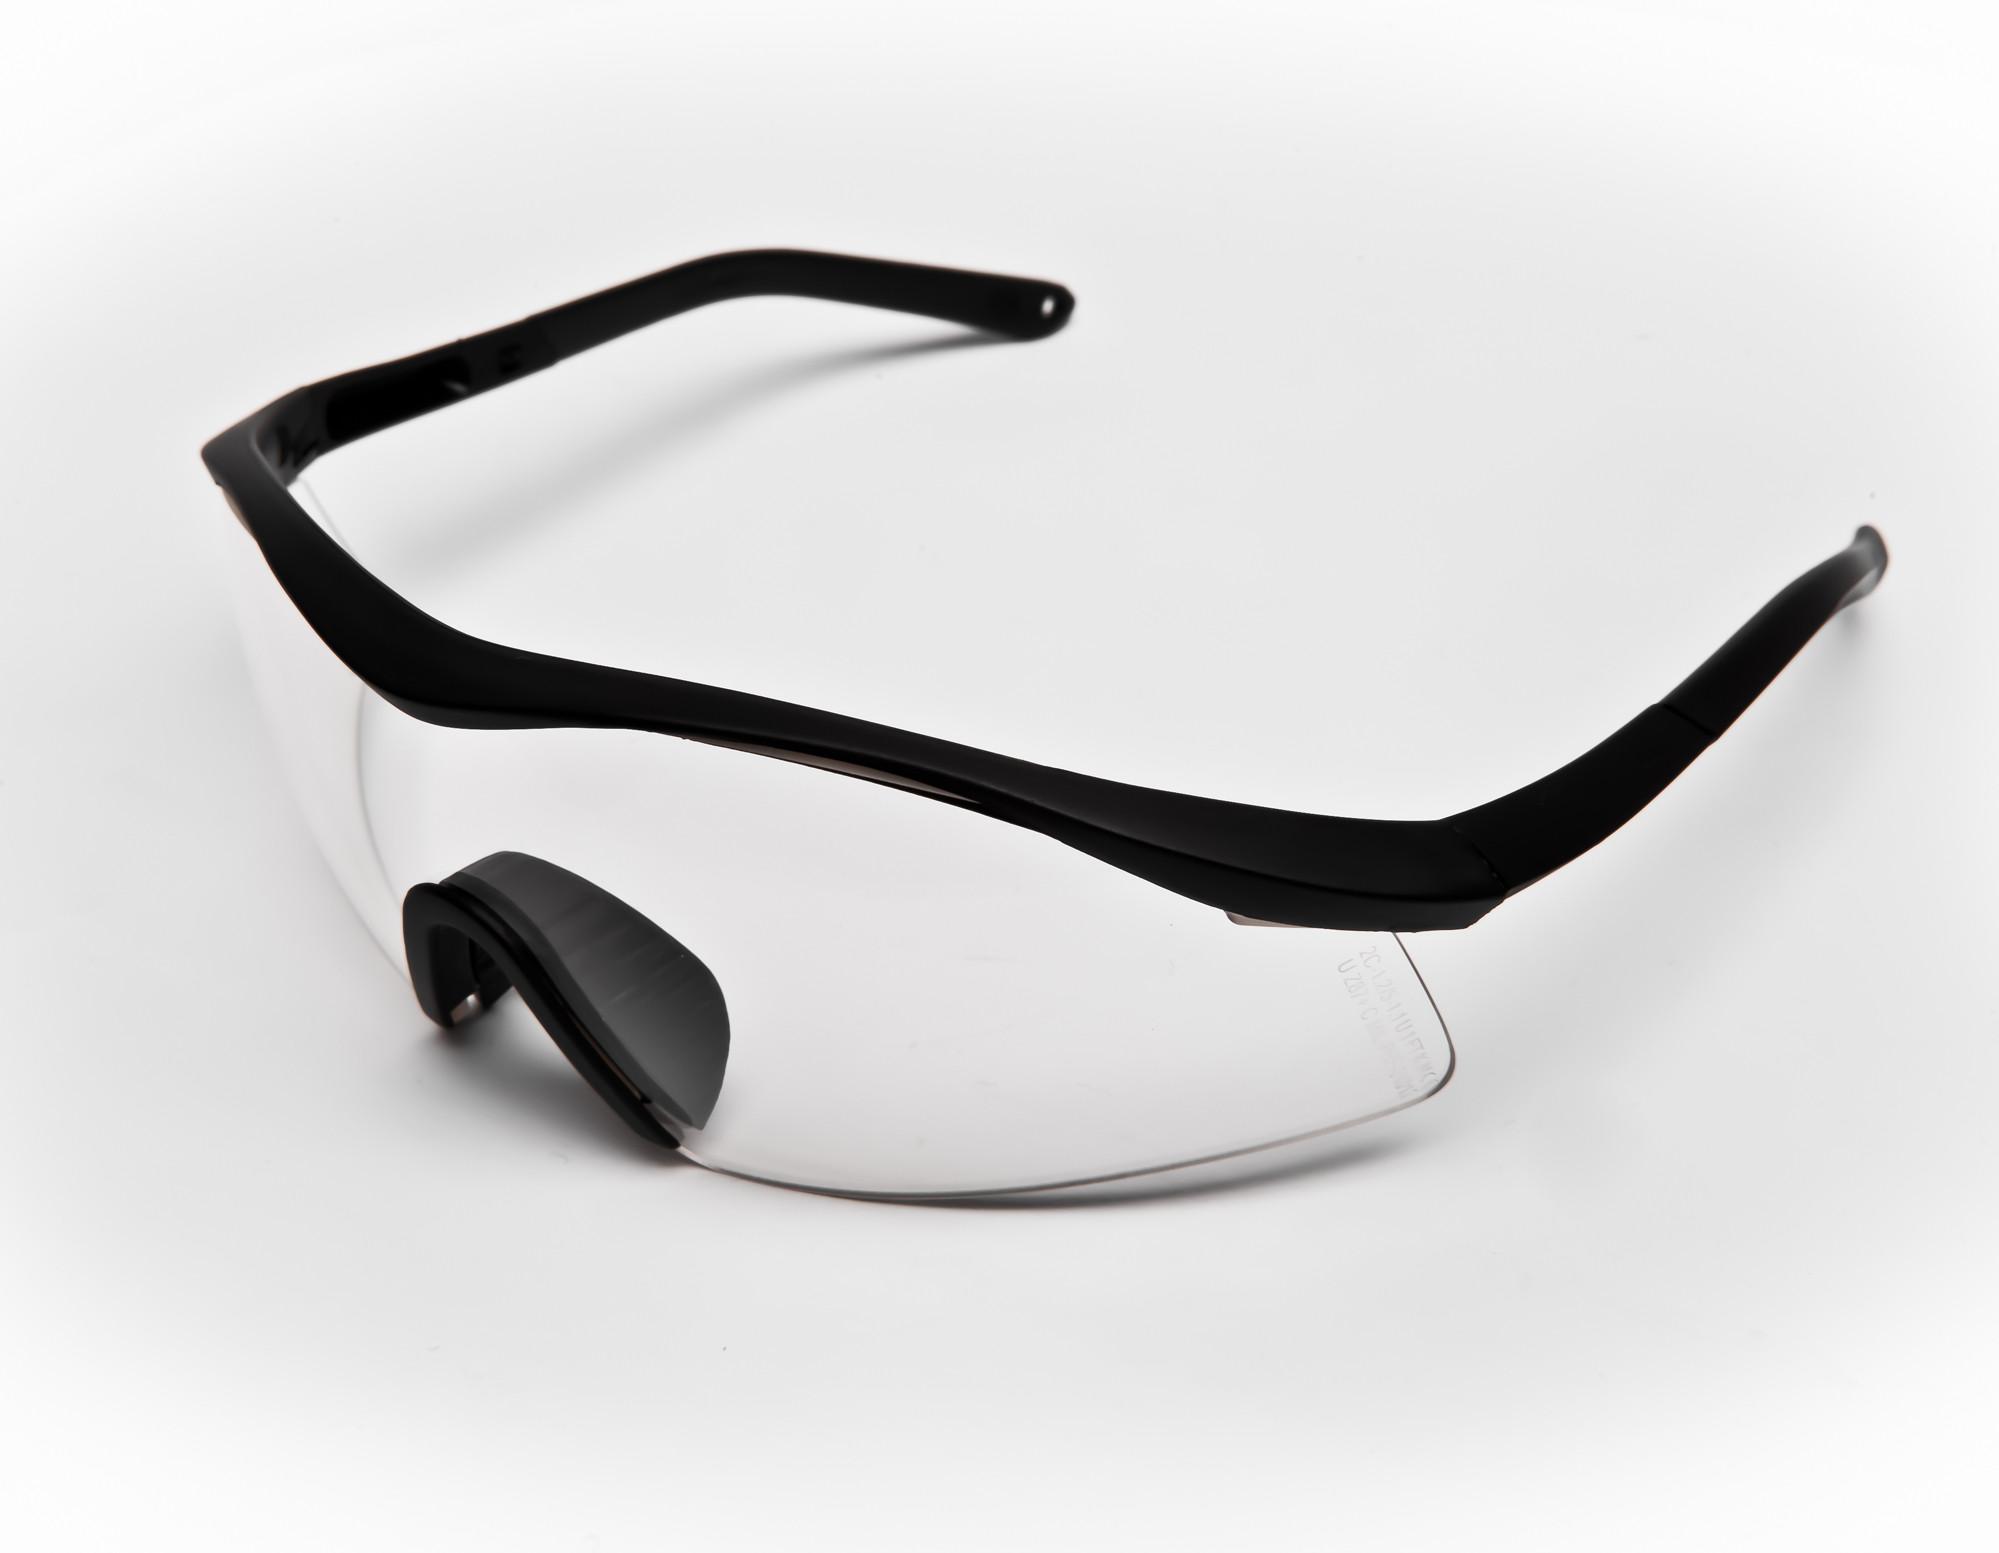 Occhiale completo lente chiara TTD NO FOG